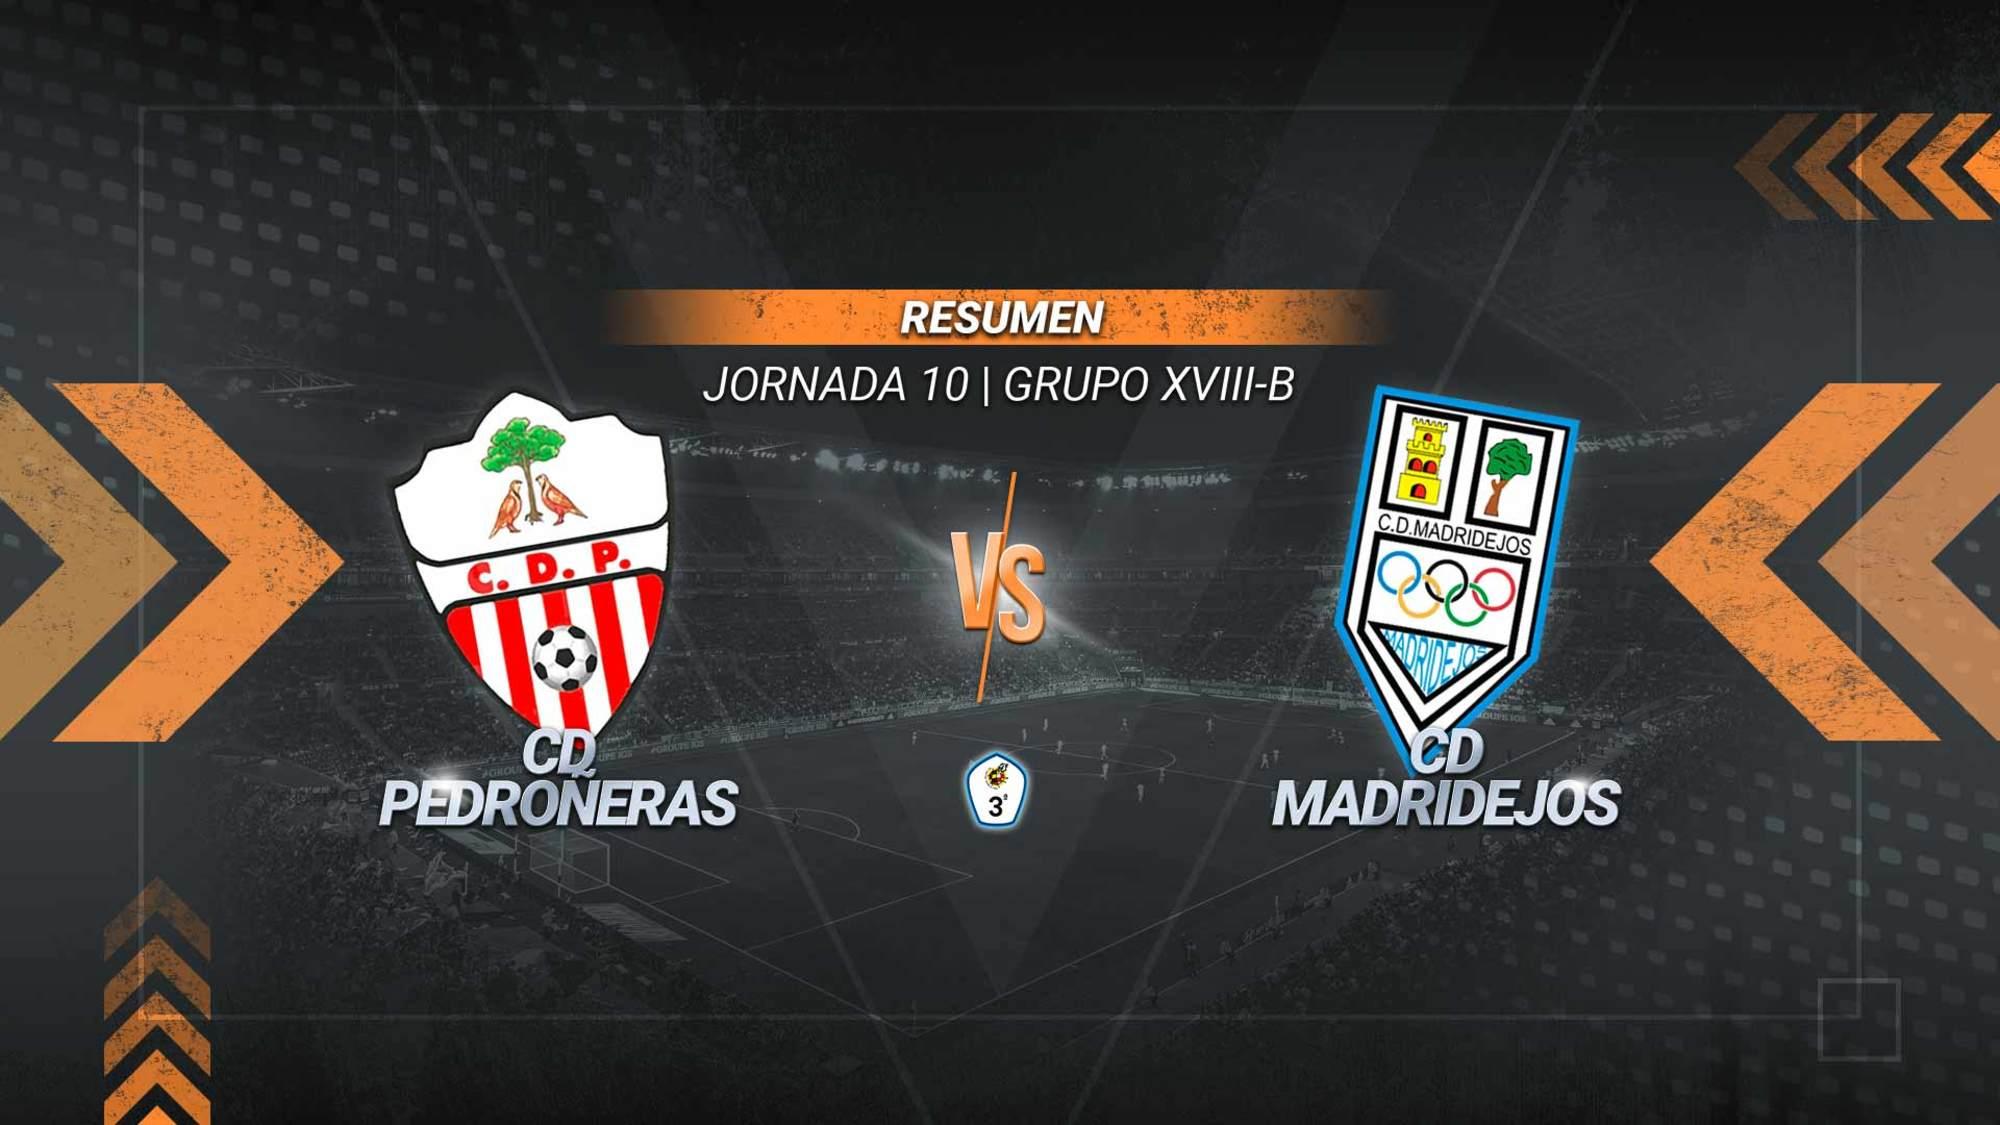 El Madridejos asalta Las Pedroñeras y logra la primera victoria de la temporada. Un gol de Xavi Pons permite a los madridejenses abandonar el puesto de colista, al que cae el Pedroñeras.